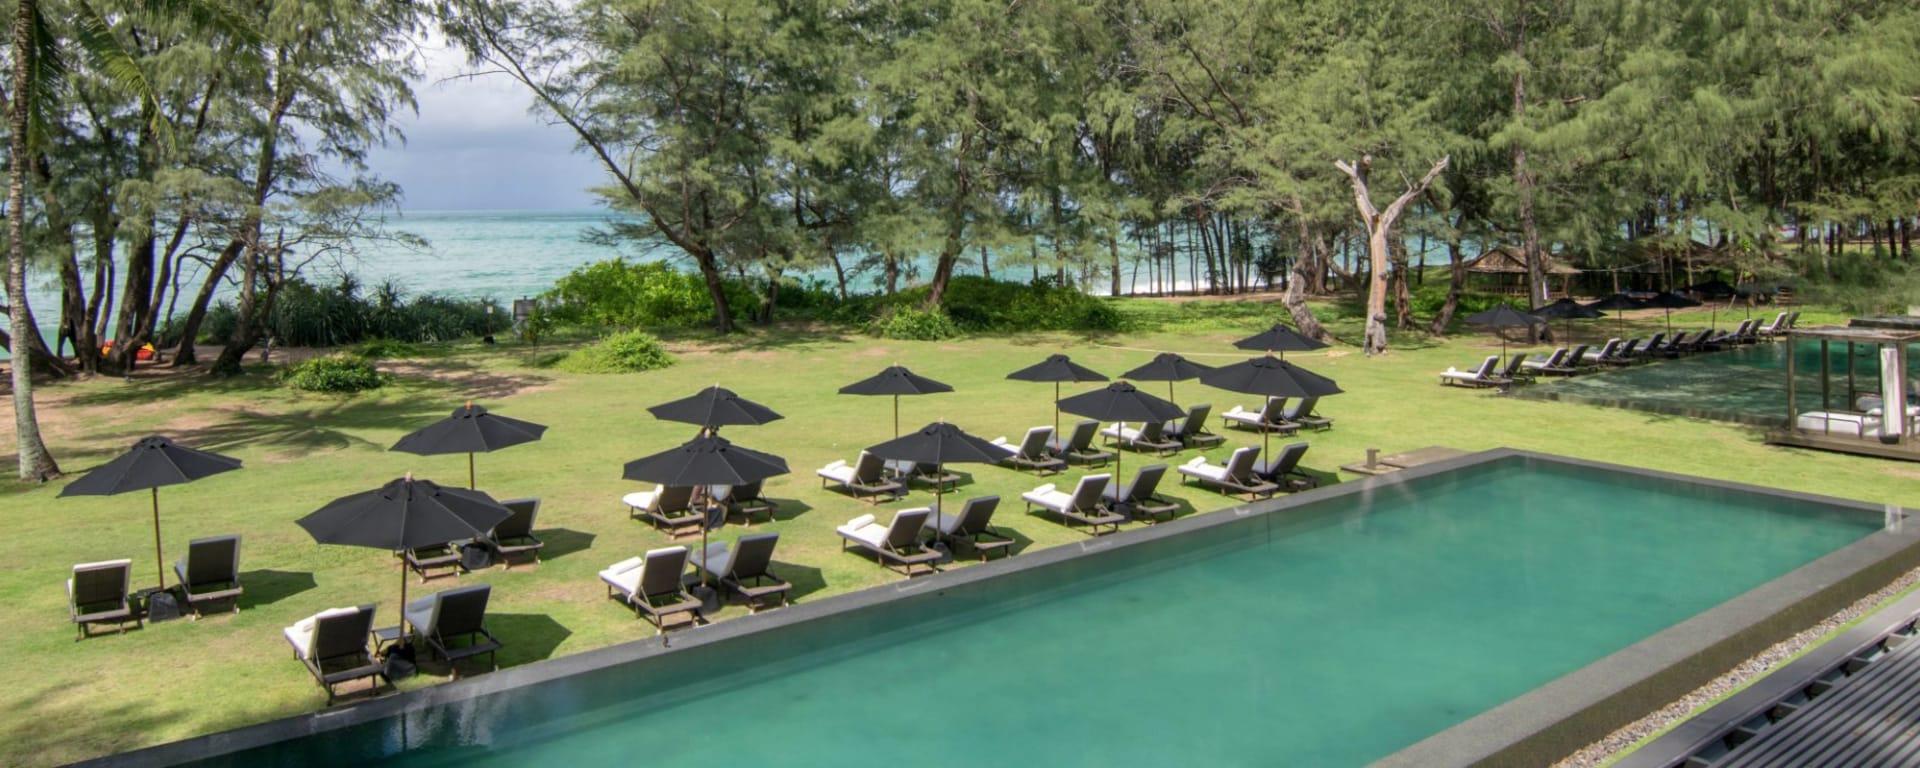 SALA Phuket Mai Khao Beach Resort: beach view